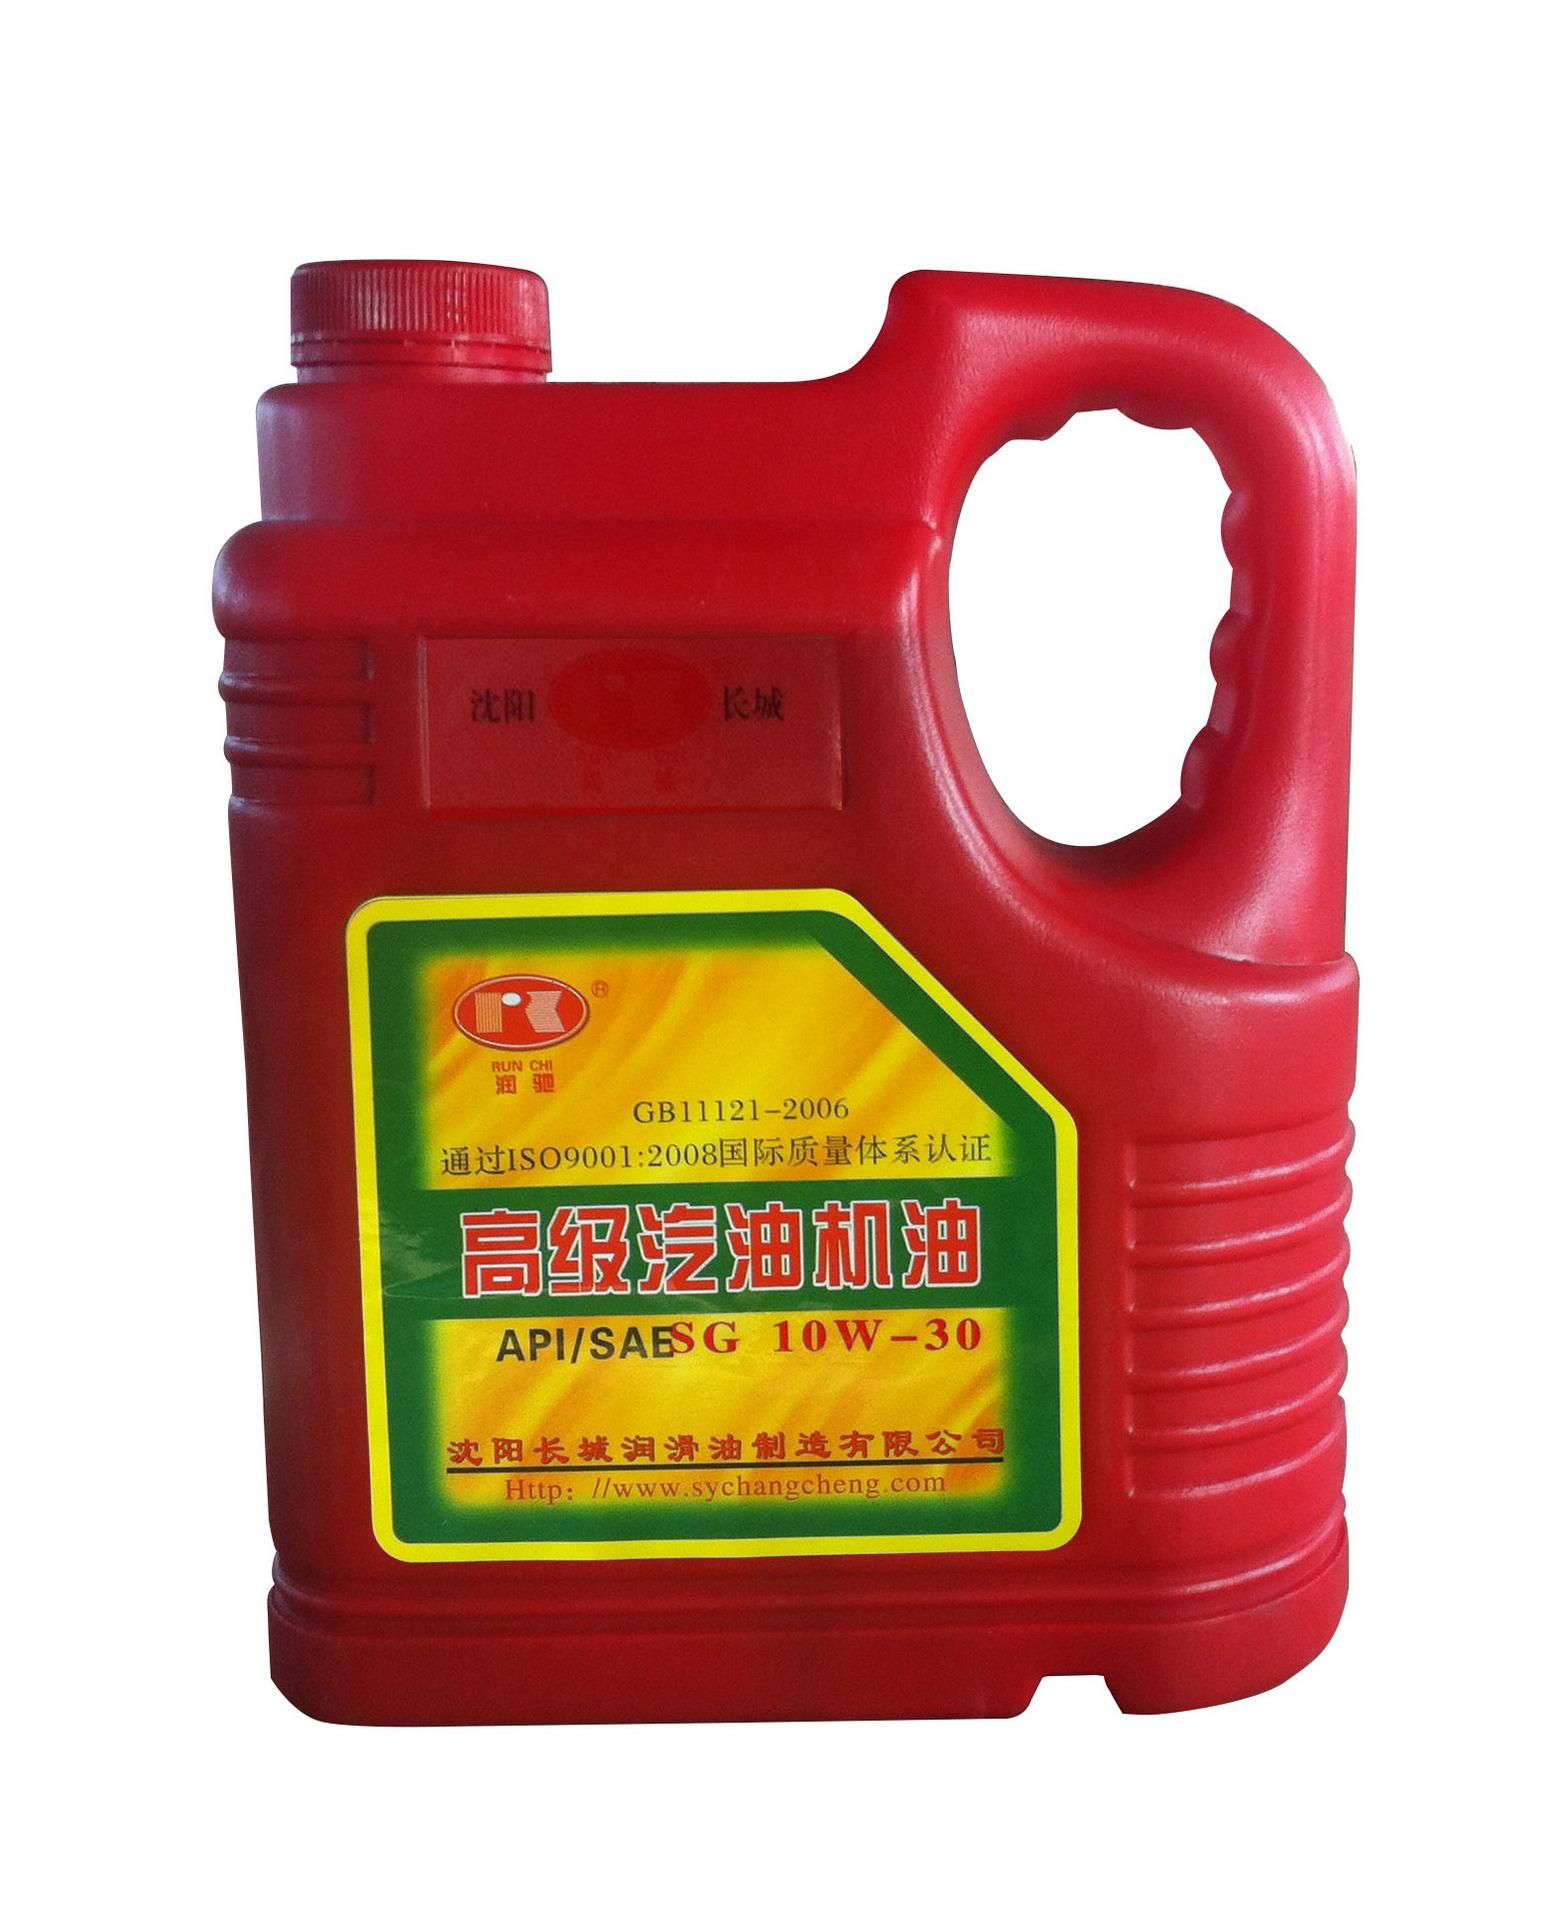 直供沈阳润驰/散装汽油机油/SG 5W-30/5W-40高性能润滑防磨损